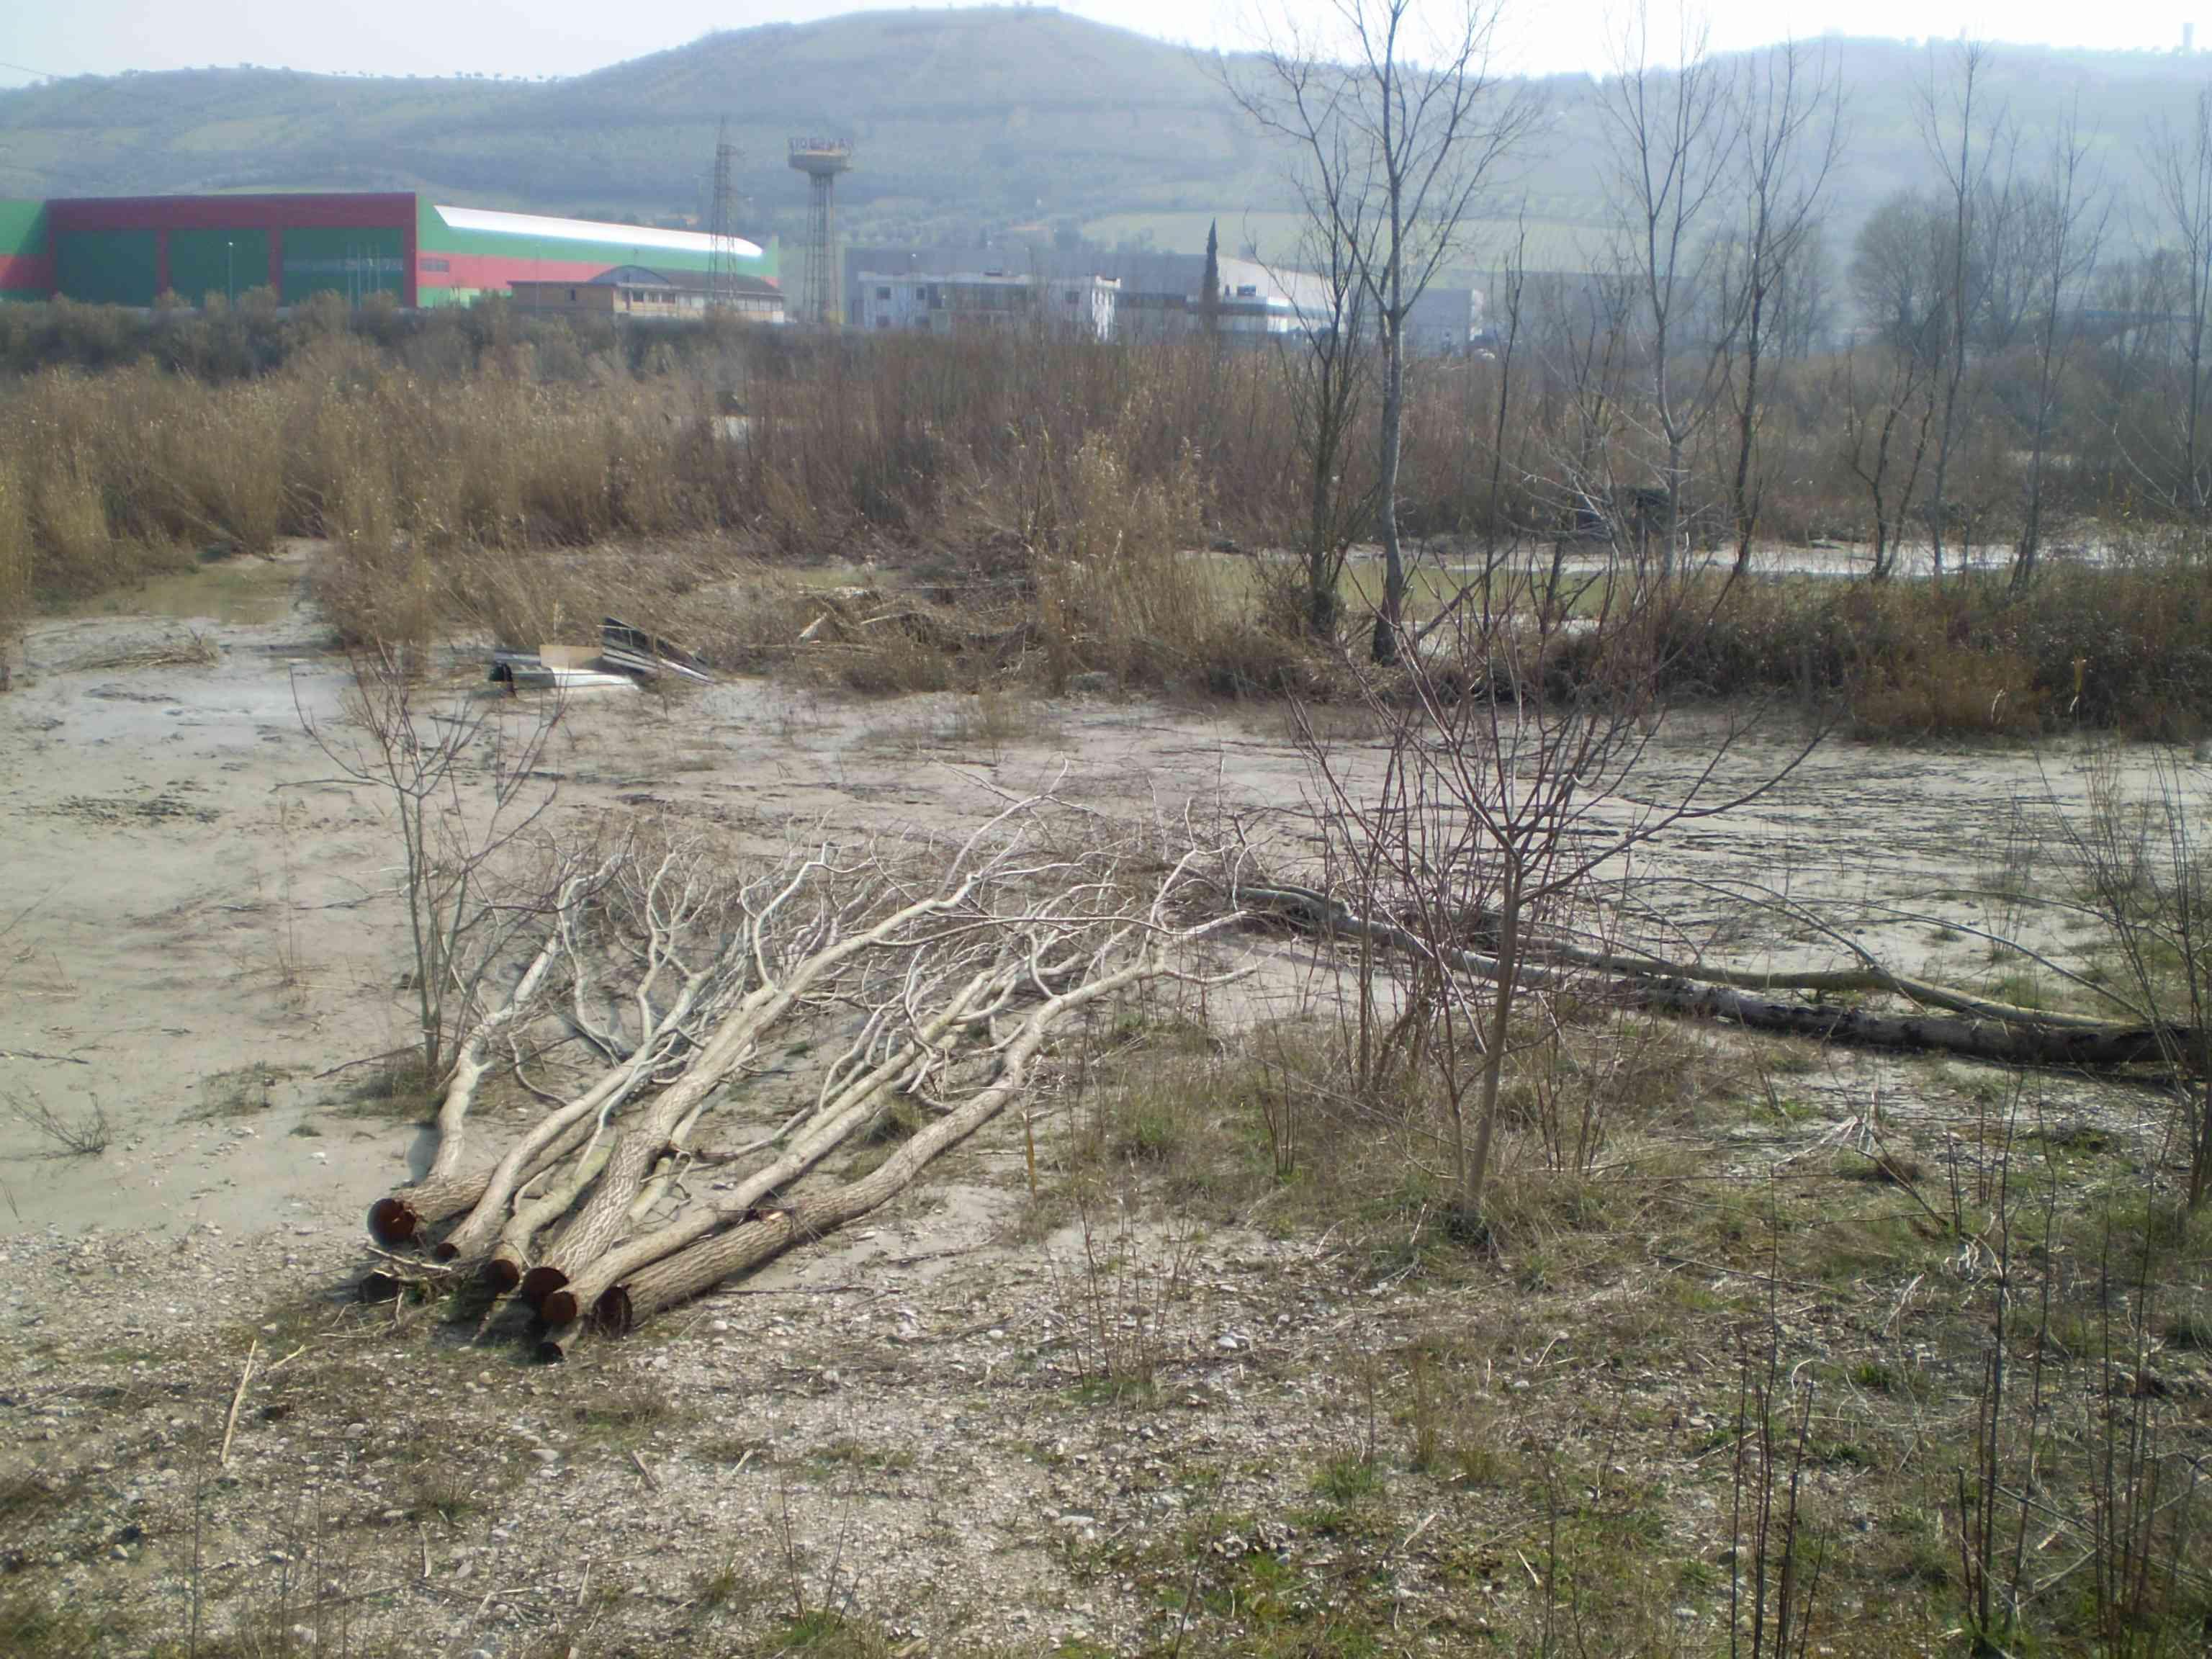 Tronchi tagliati ai margini del fiume Tronto durante il recente maltempo